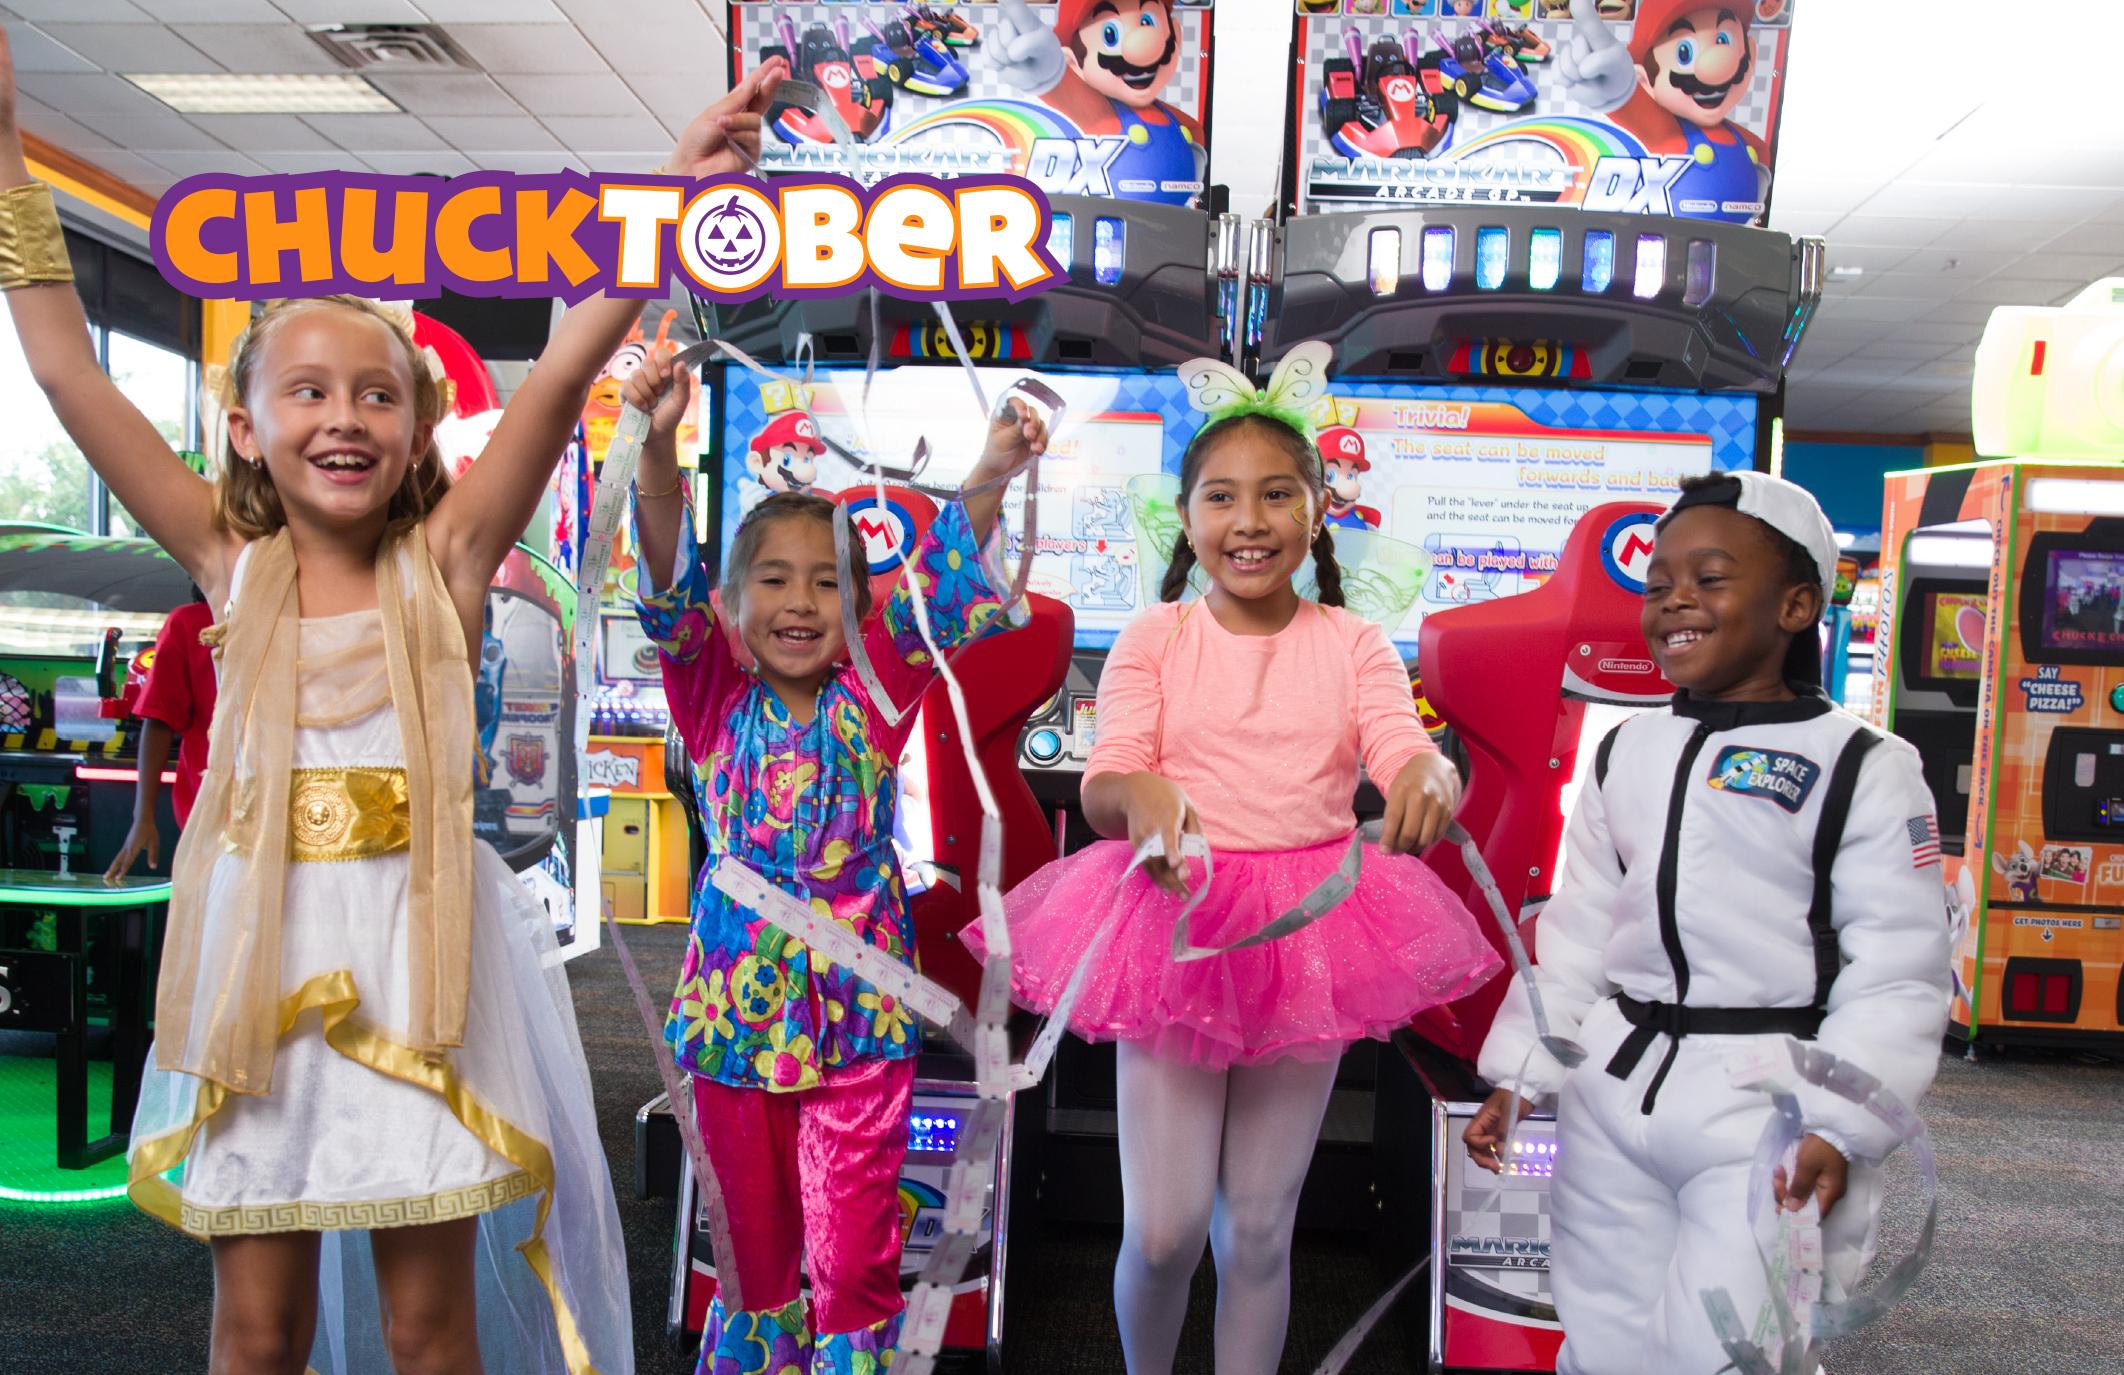 Halloween freebies and deals – Chuck E Cheese Halloween event